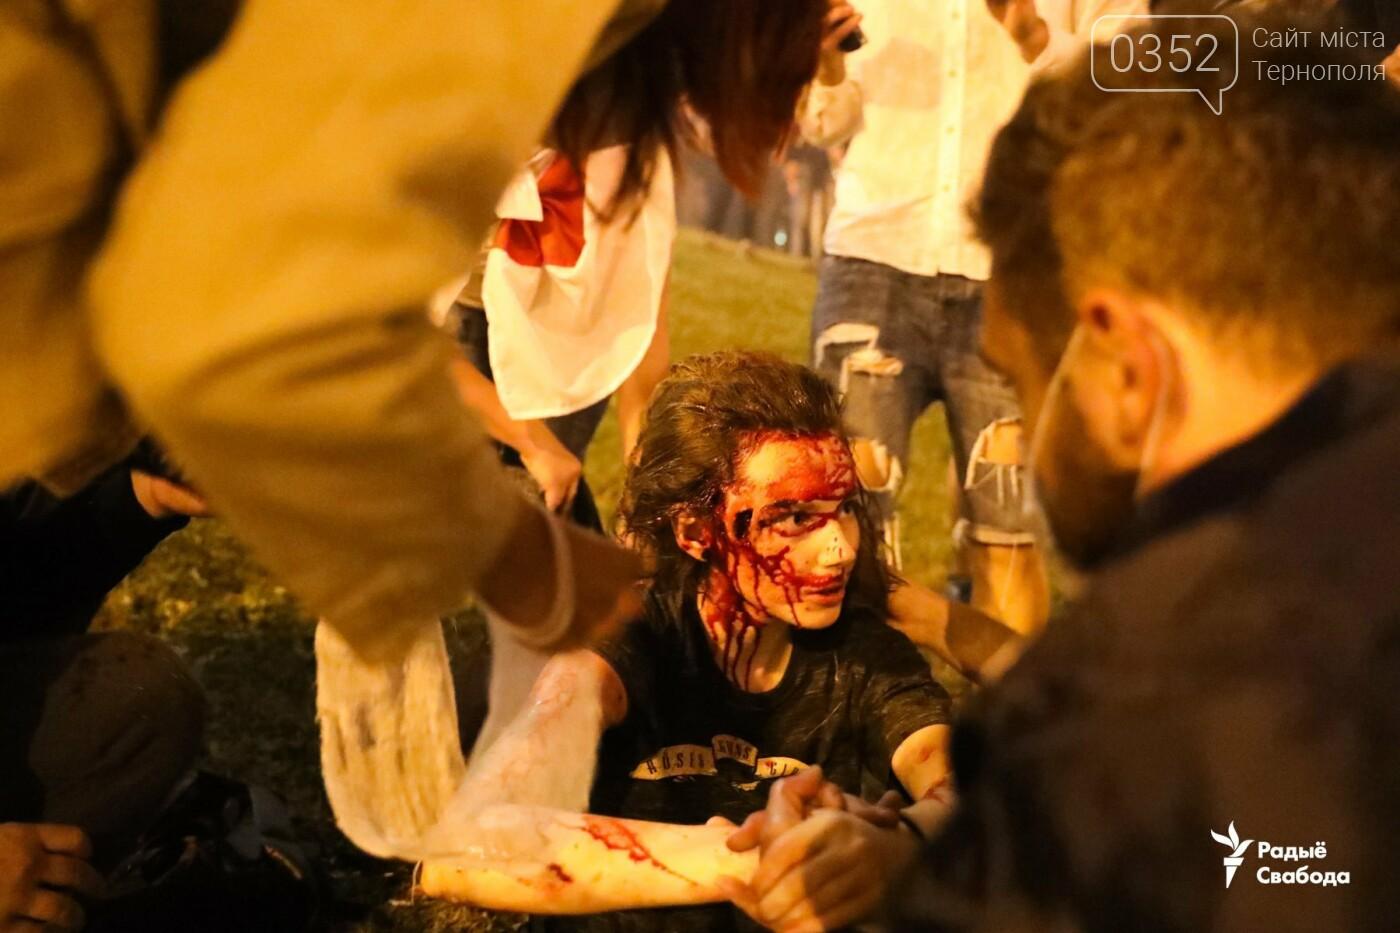 Білорусь прокинулась: країну охопили протести , а у кількох містах  ОМОН опускає щити і стає на сторону протестувальників (ФОТО, ВІДЕО), фото-1